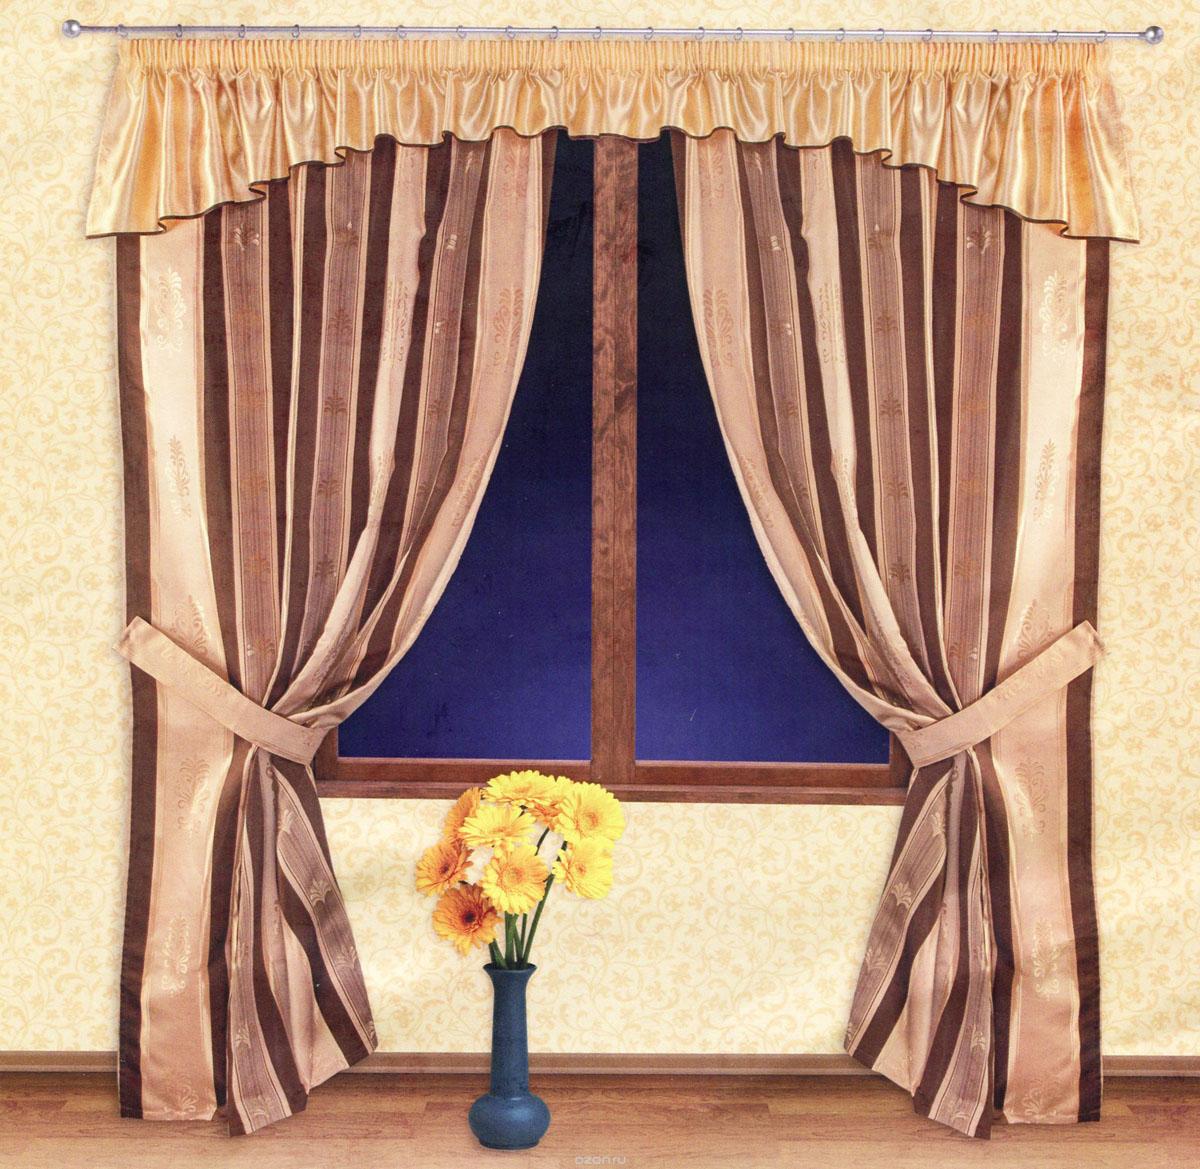 Комплект штор Zlata Korunka, на ленте, цвет: золотистый, шоколадный, высота 250 см. 5551755517Роскошный комплект штор Zlata Korunka, выполненный из ткани барокко и шанзализе (100% полиэстера), великолепно украсит любое окно. Комплект состоит из двух портьер, ламбрекена и двух подхватов. Плотная ткань, оригинальный орнамент и приятная, приглушенная гамма привлекут к себе внимание и органично впишутся в интерьер помещения. Комплект крепится на карниз при помощи шторной ленты, которая поможет красиво и равномерно задрапировать верх. Портьеры можно зафиксировать в одном положении с помощью двух подхватов. Этот комплект будет долгое время радовать вас и вашу семью! В комплект входит: Портьера: 2 шт. Размер (ШхВ): 140 см х 250 см. Ламбрекен: 1 шт. Размер (ШхВ): 400 см х 50 см. Подхват: 2 шт. Размер (ШхВ): 60 см х 10 см.